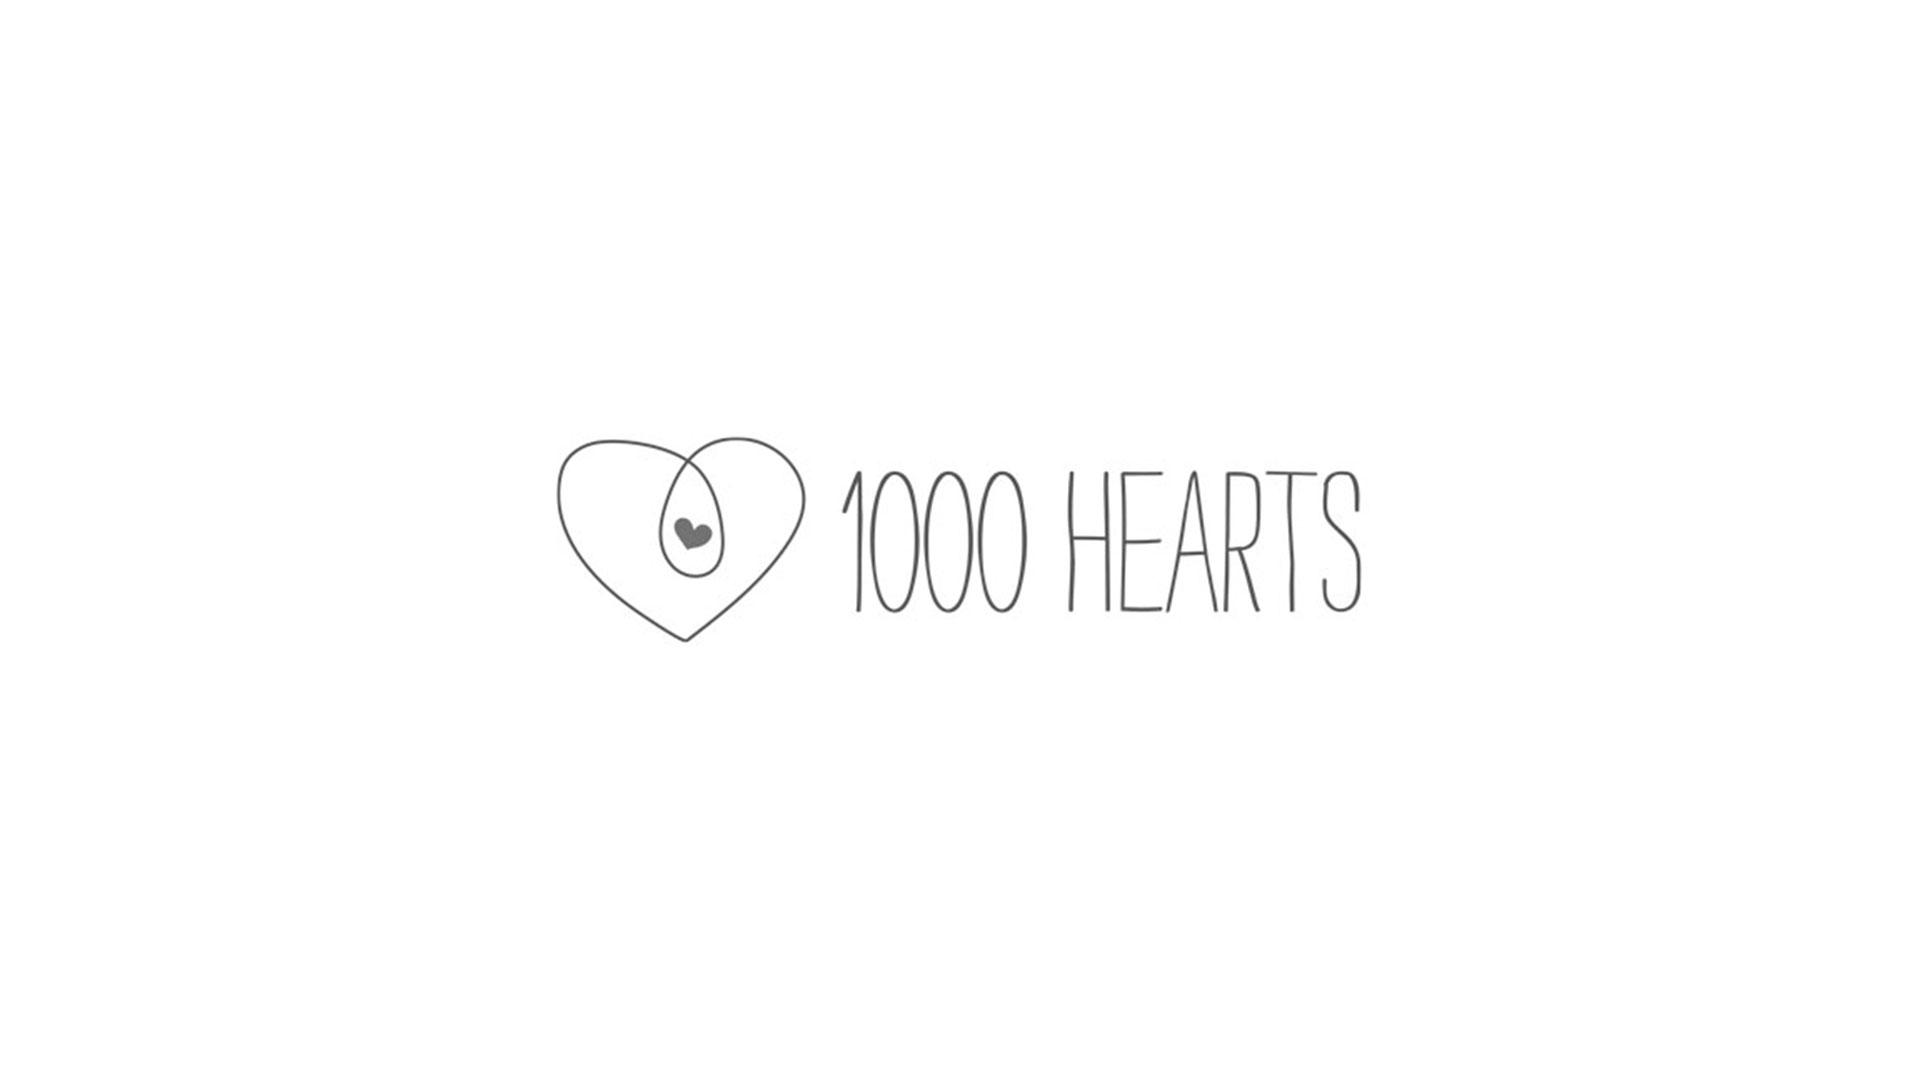 1000 hearts logo